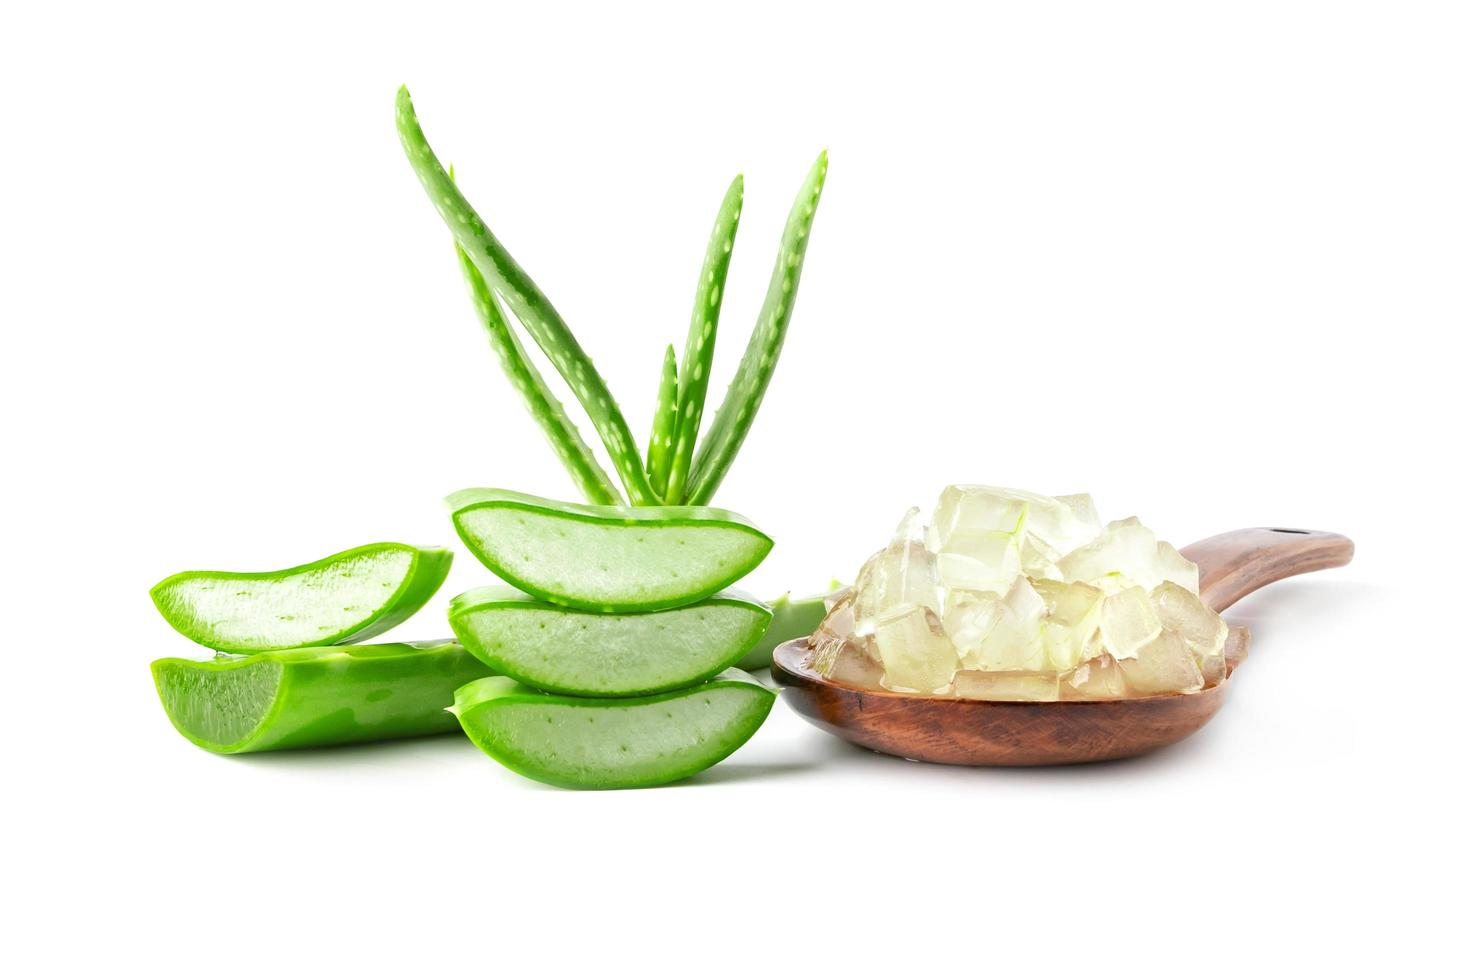 frische Aloe Vera mit Holzlöffel foto